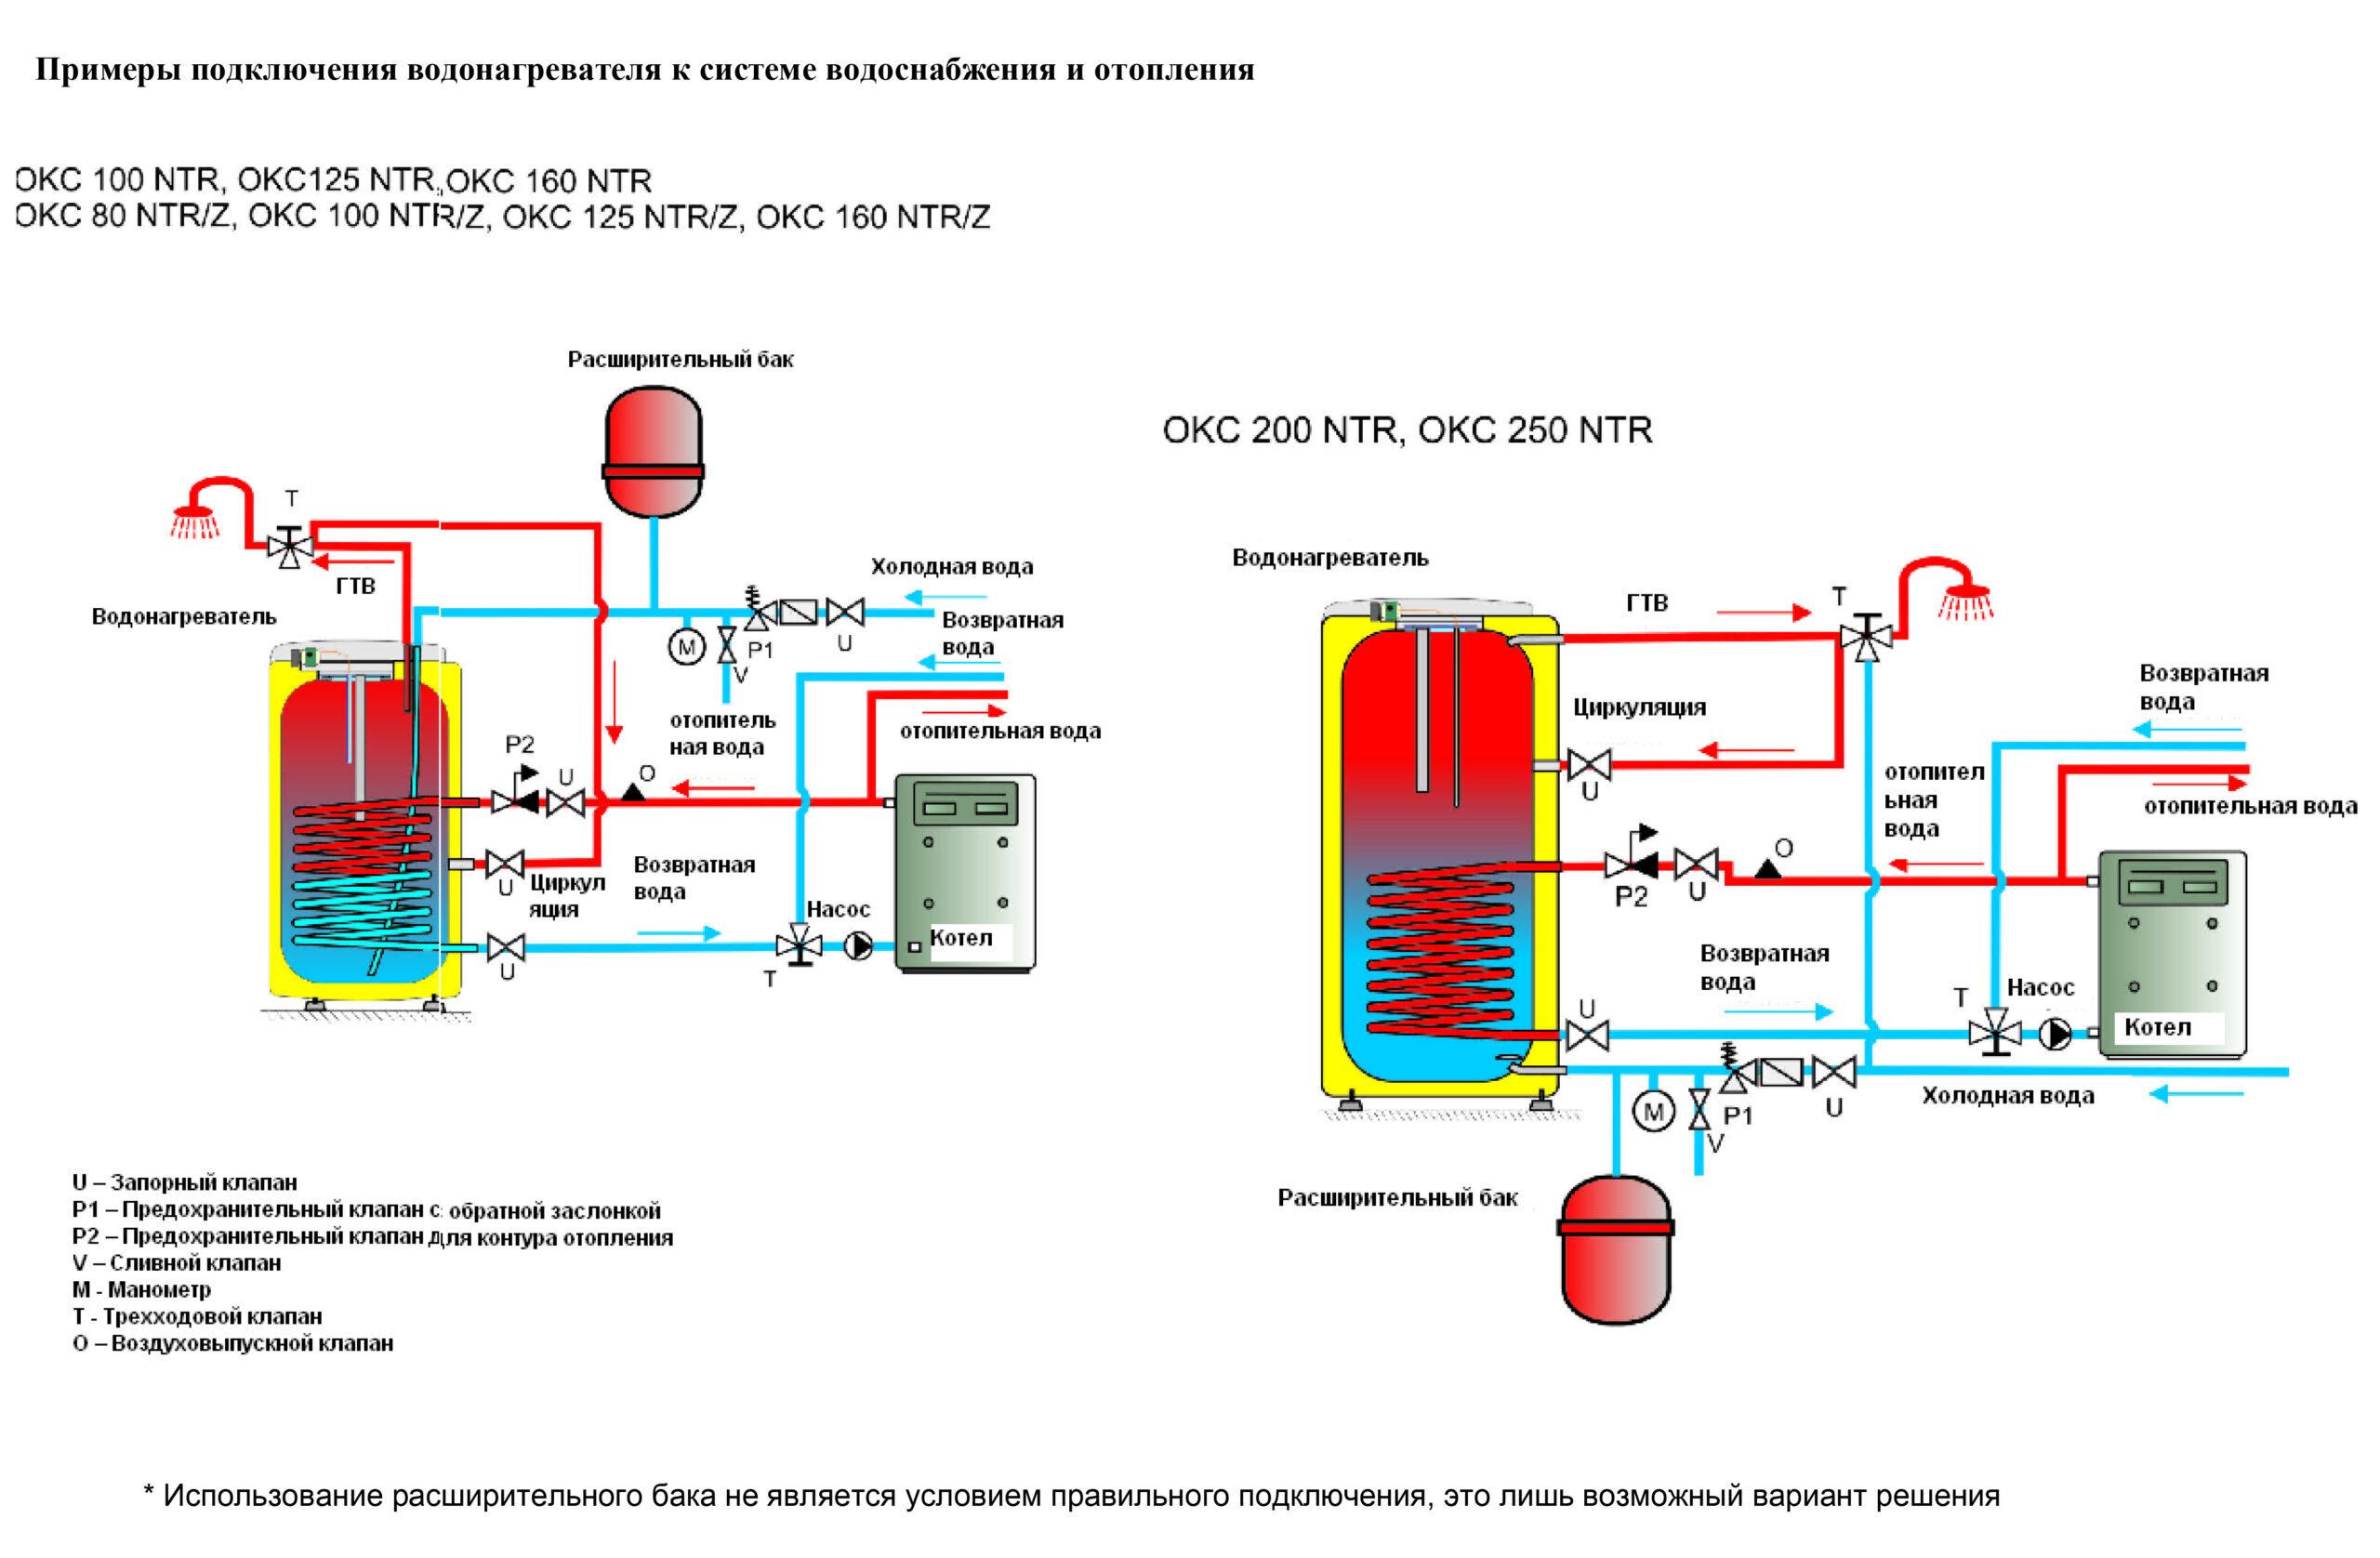 Схема монтажа бойлера косвенного нагрева Дражице к системе отопления и водоснабжения